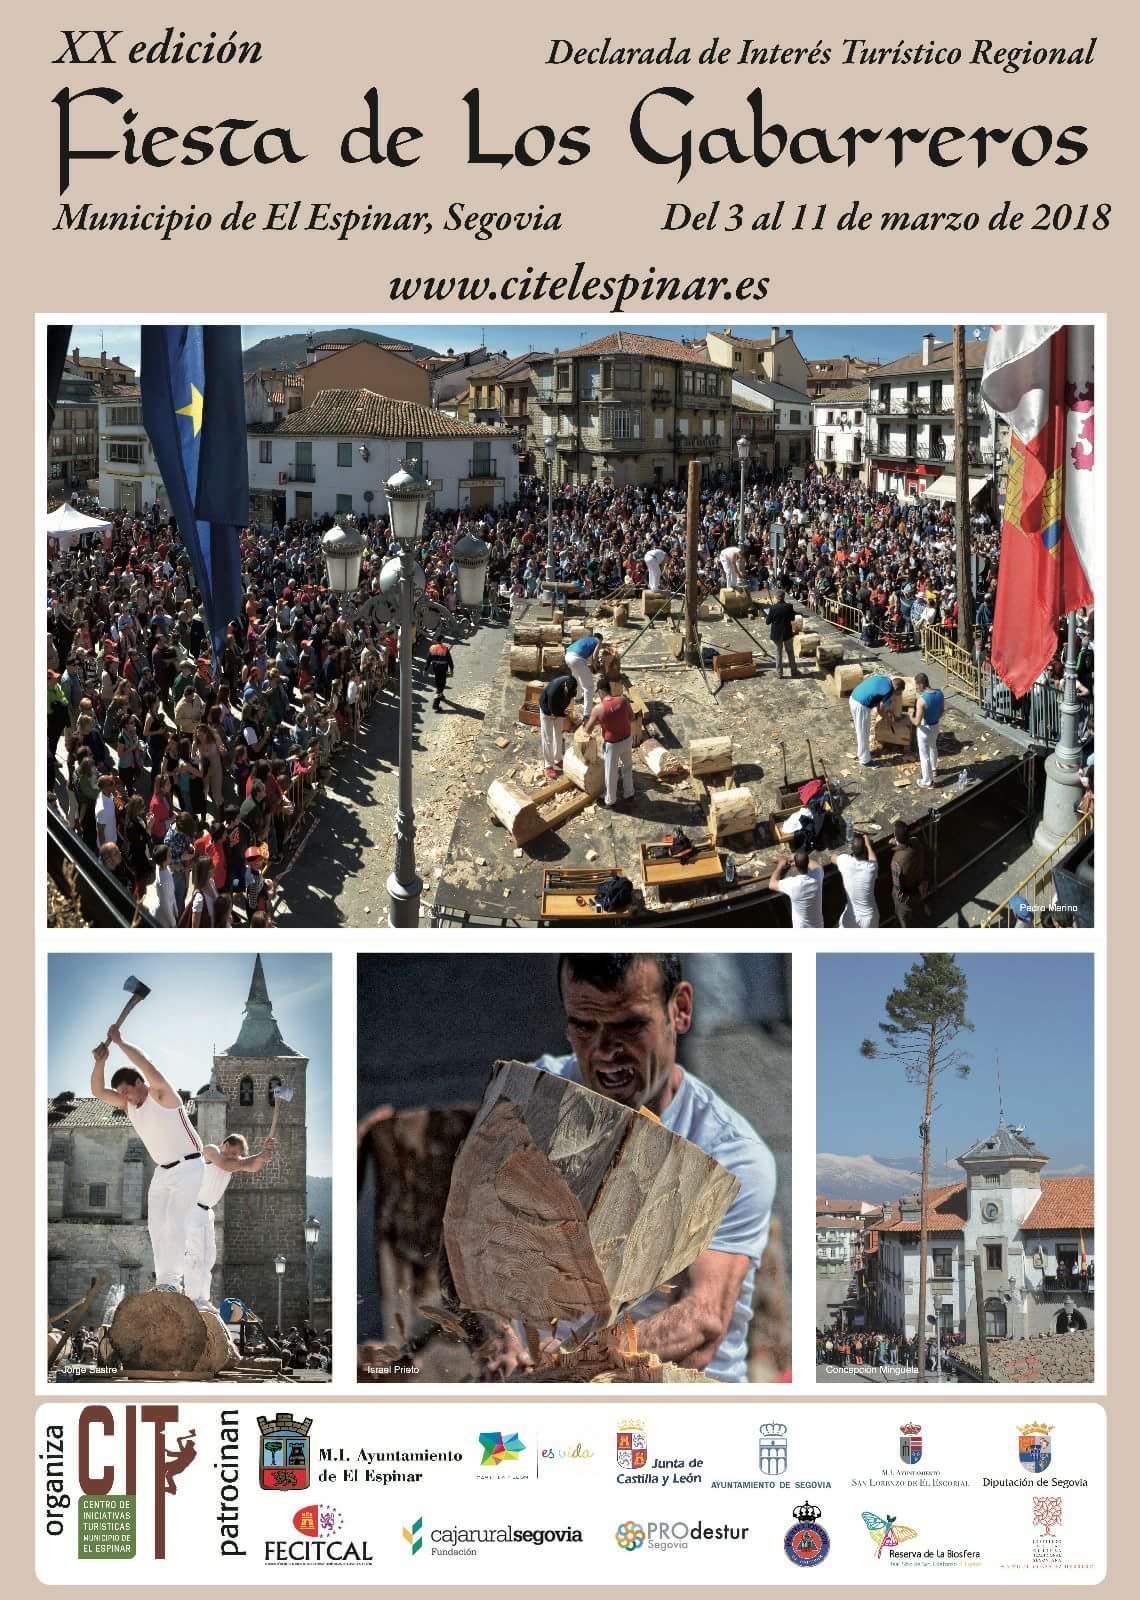 Fiesta de los Gabarreros 2018. El Espinar. Segovia.